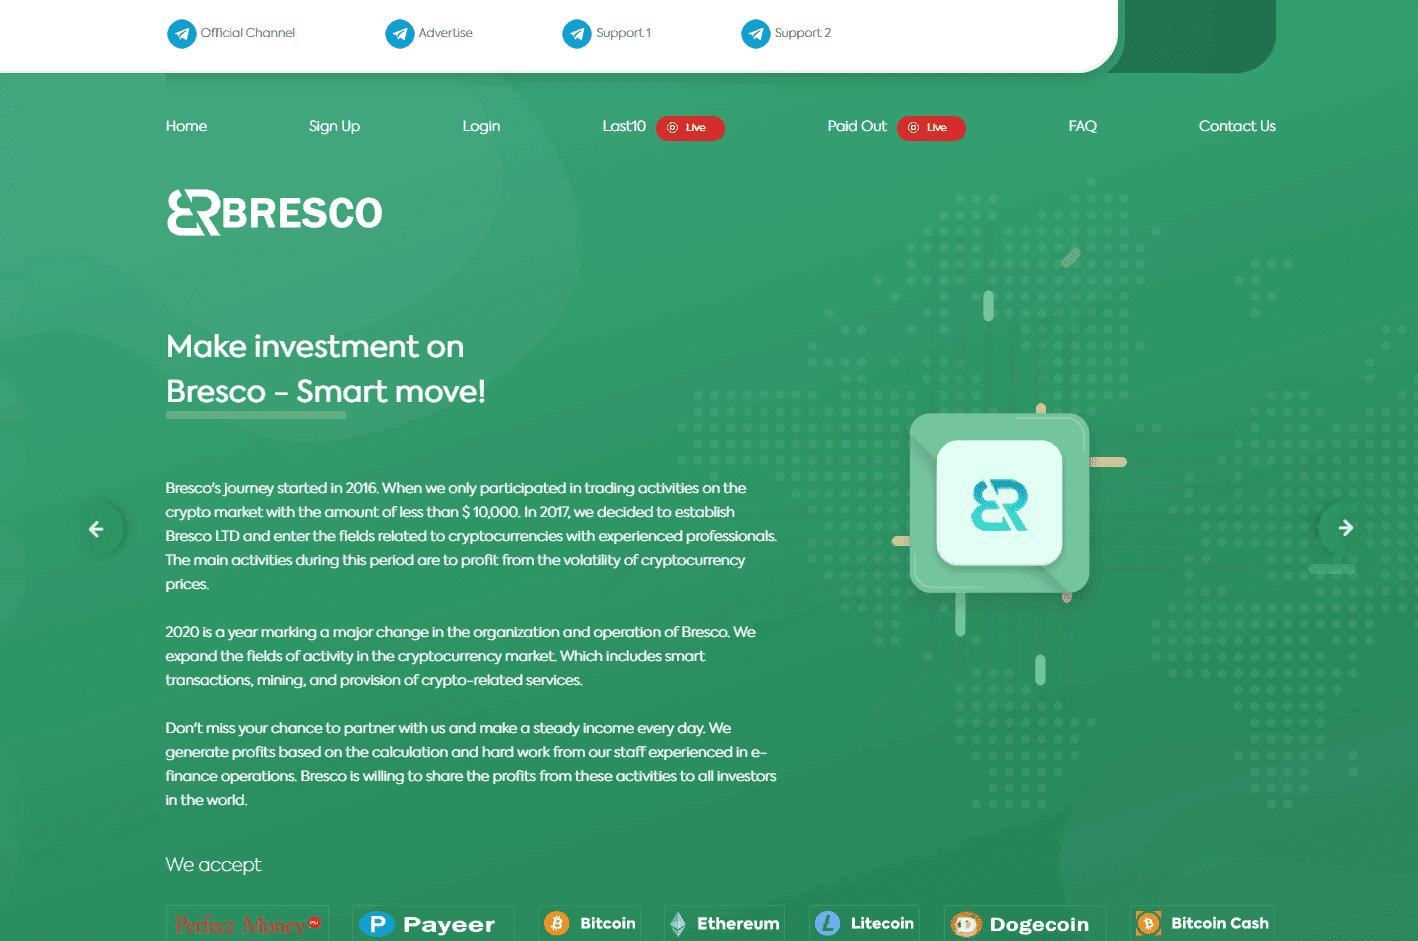 Bresco Ltd